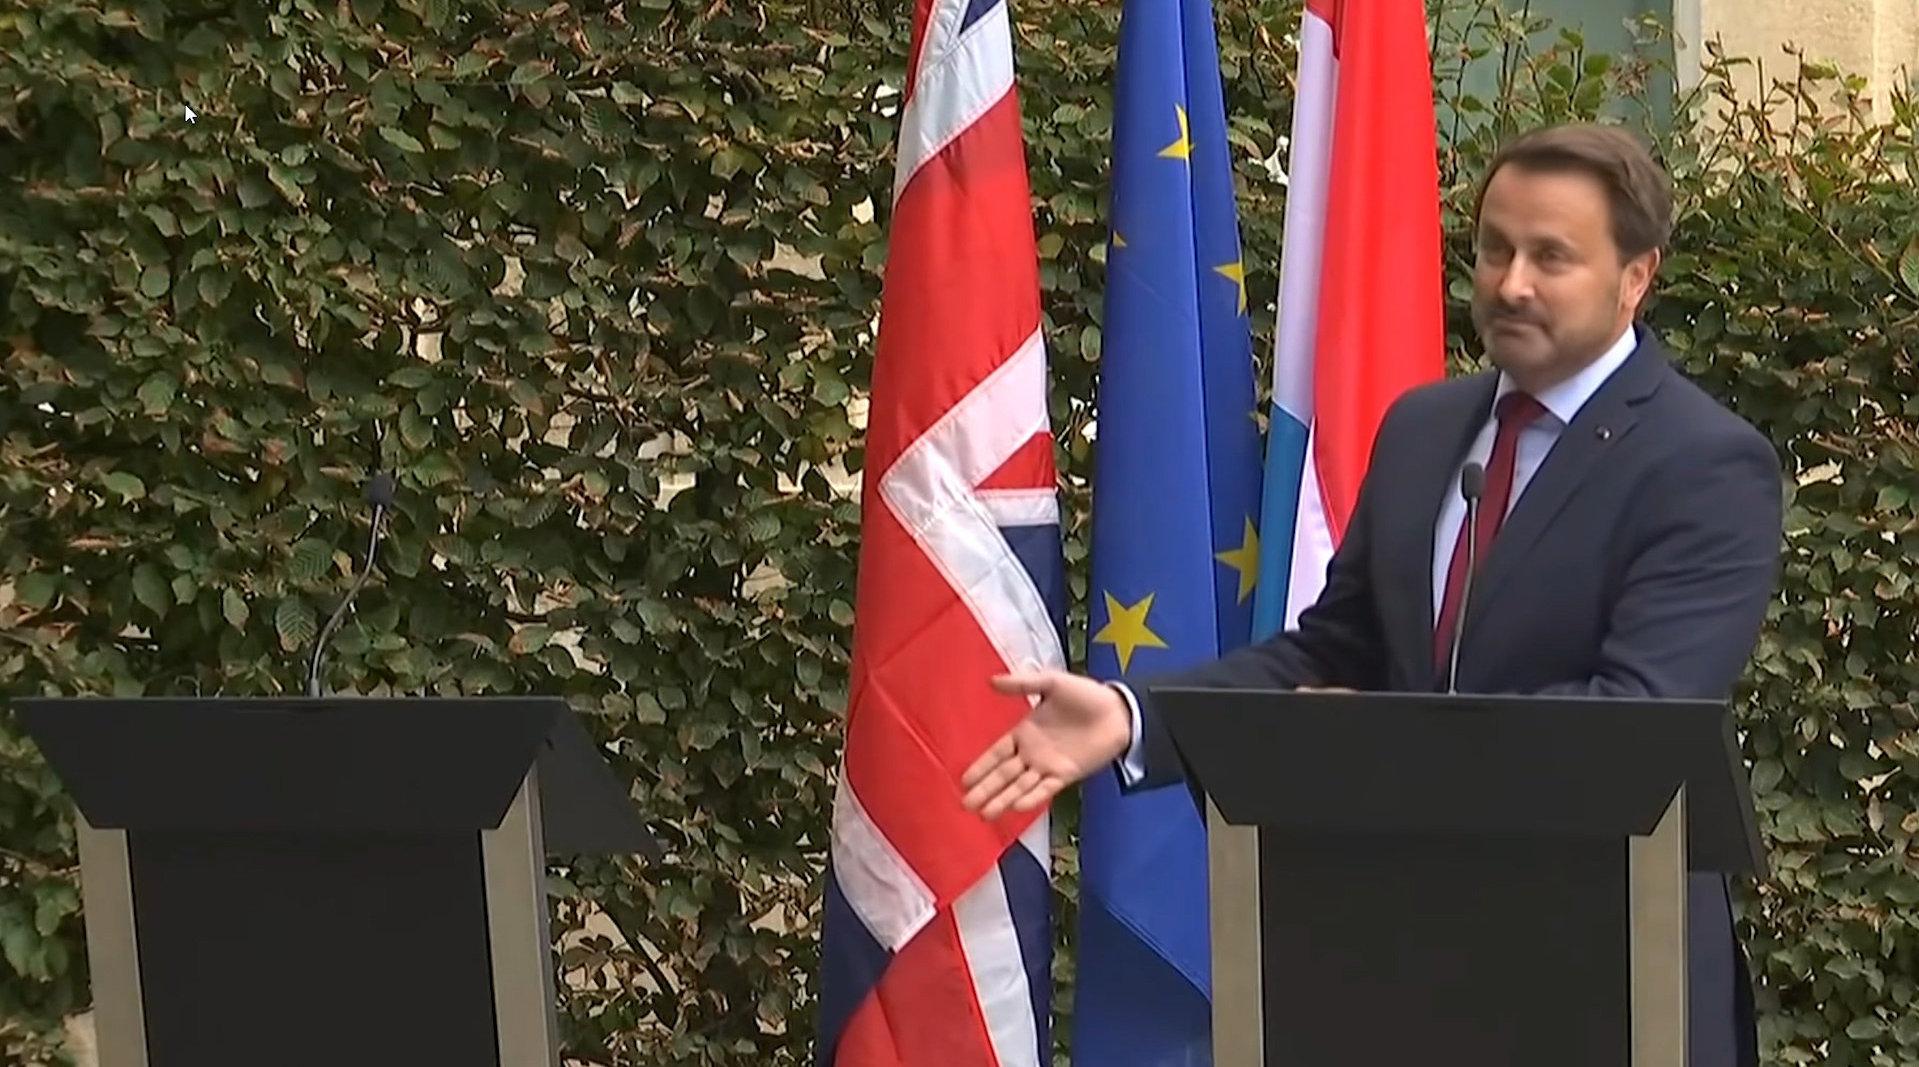 尴尬了!英国首相缺席发布会 卢森堡总理留下空讲台大加嘲讽